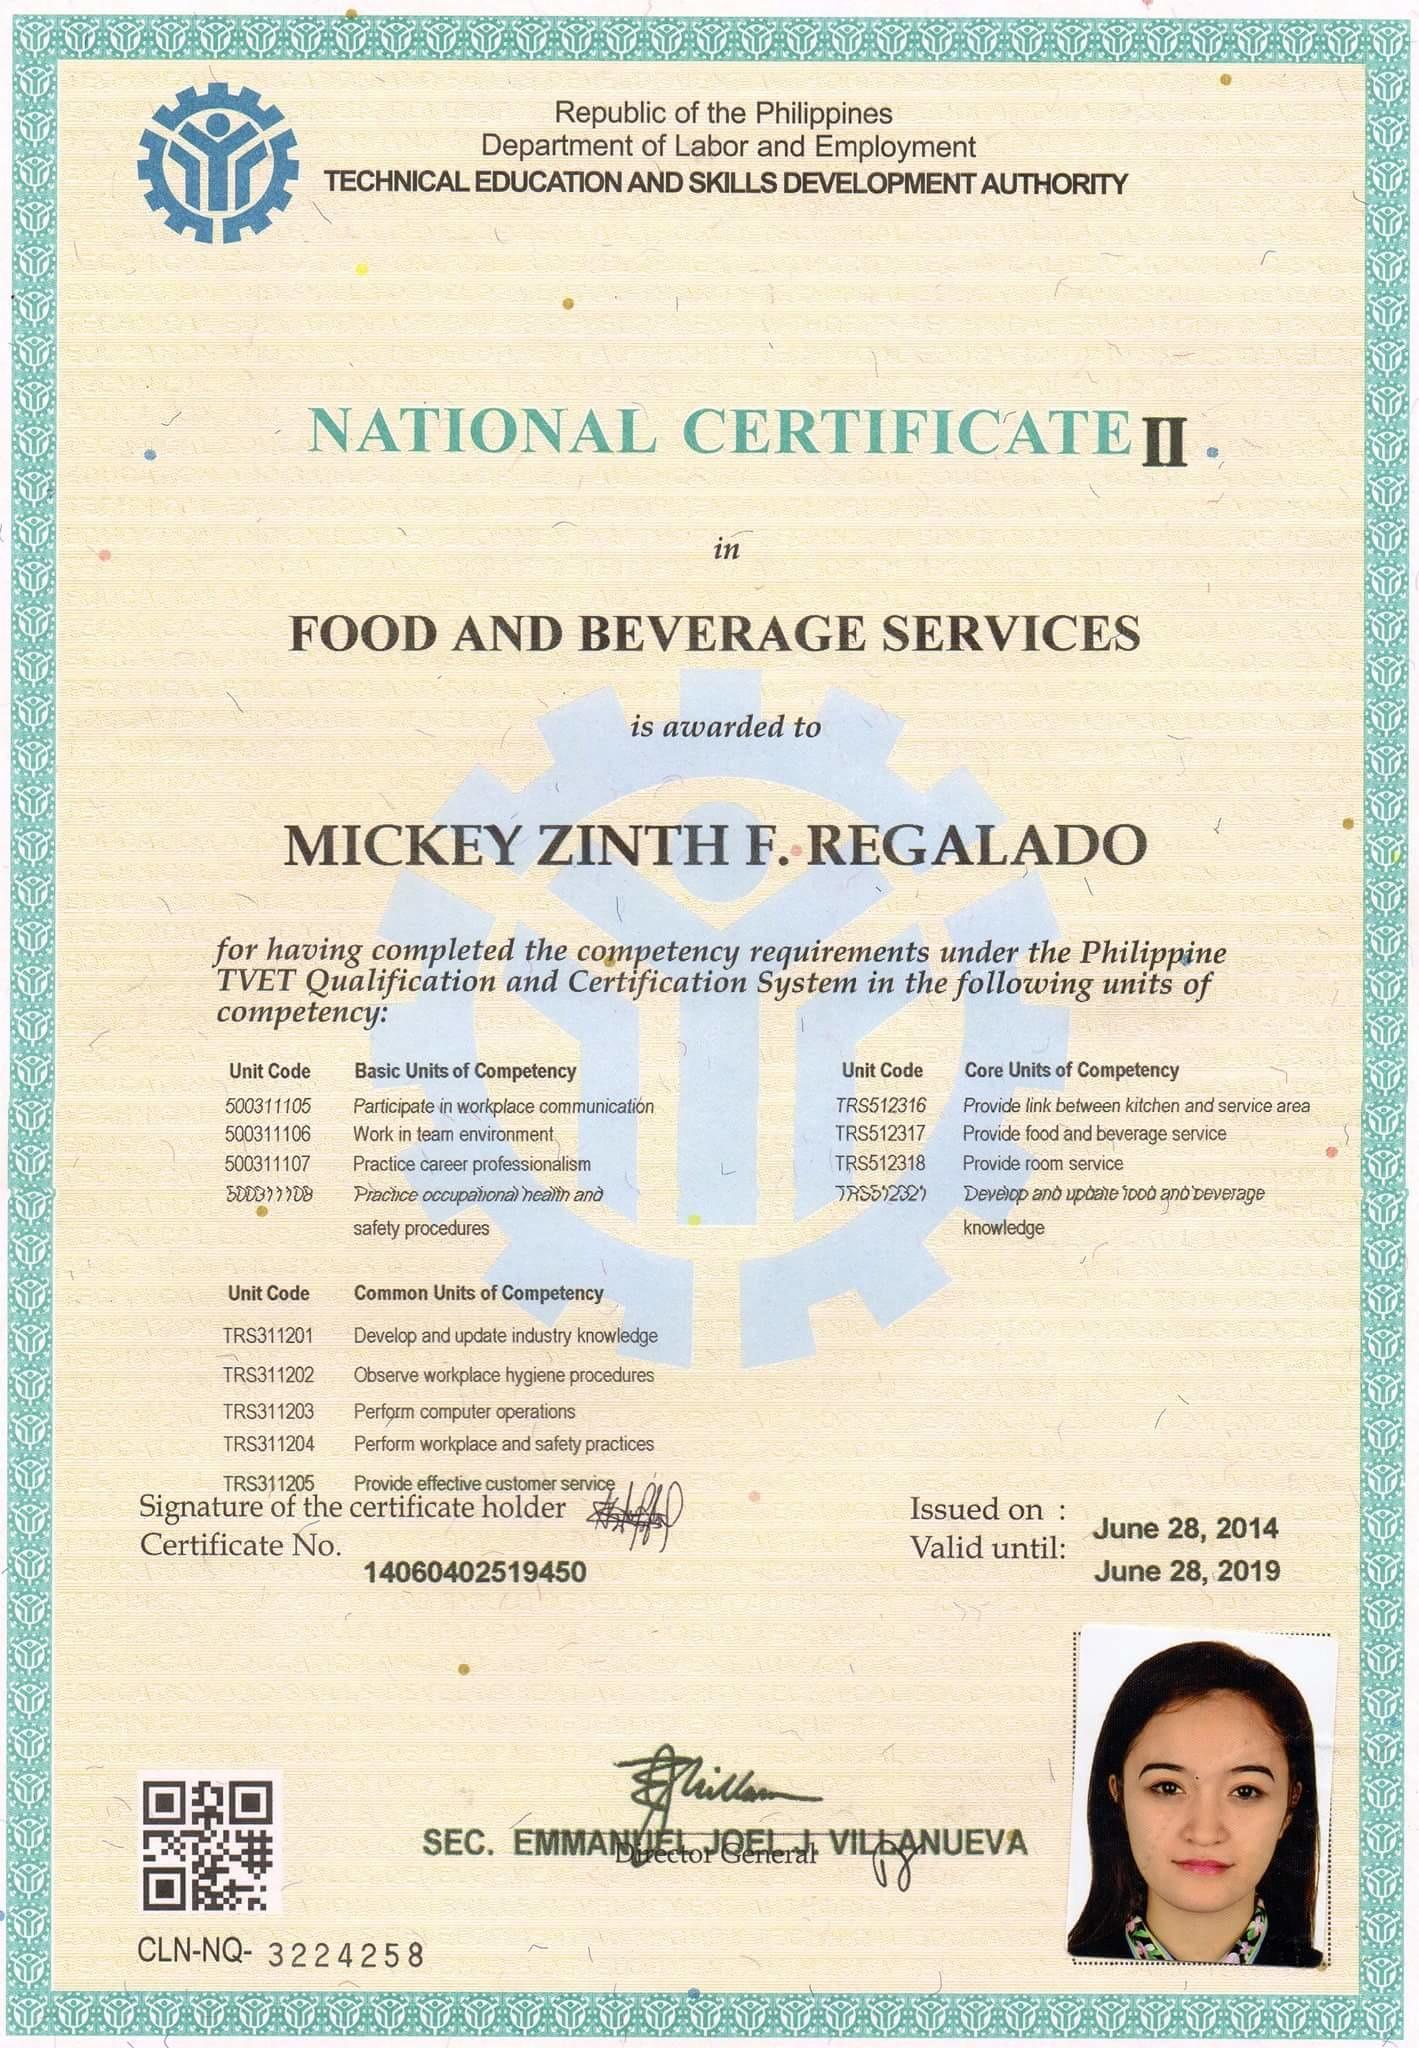 Mickey Zinth Regalado Bayt